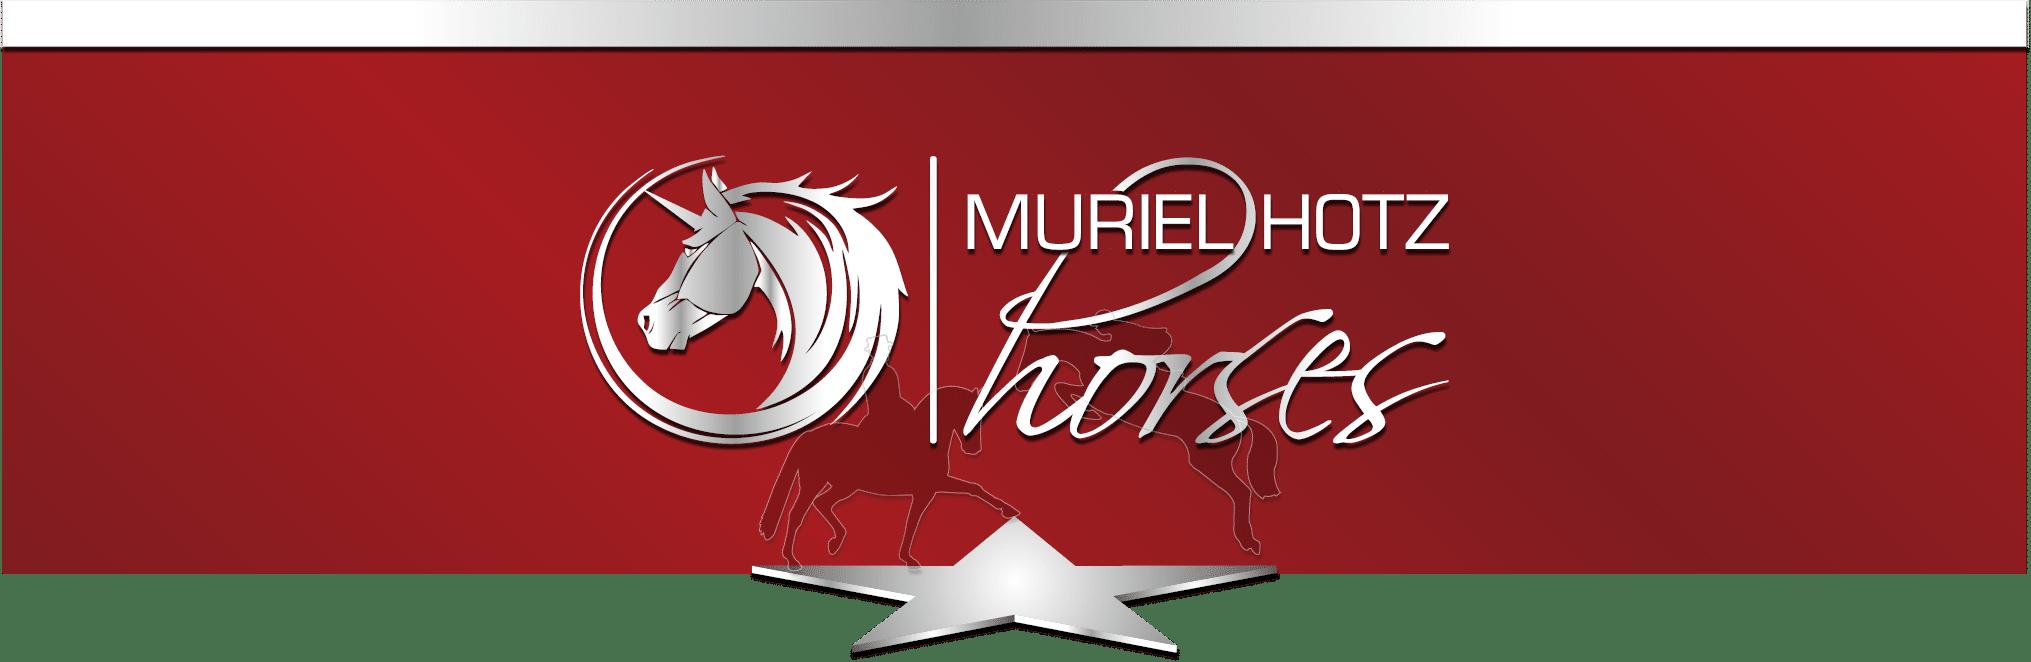 Muriel Hotz - Turnierreiterin in Dressur und Springen